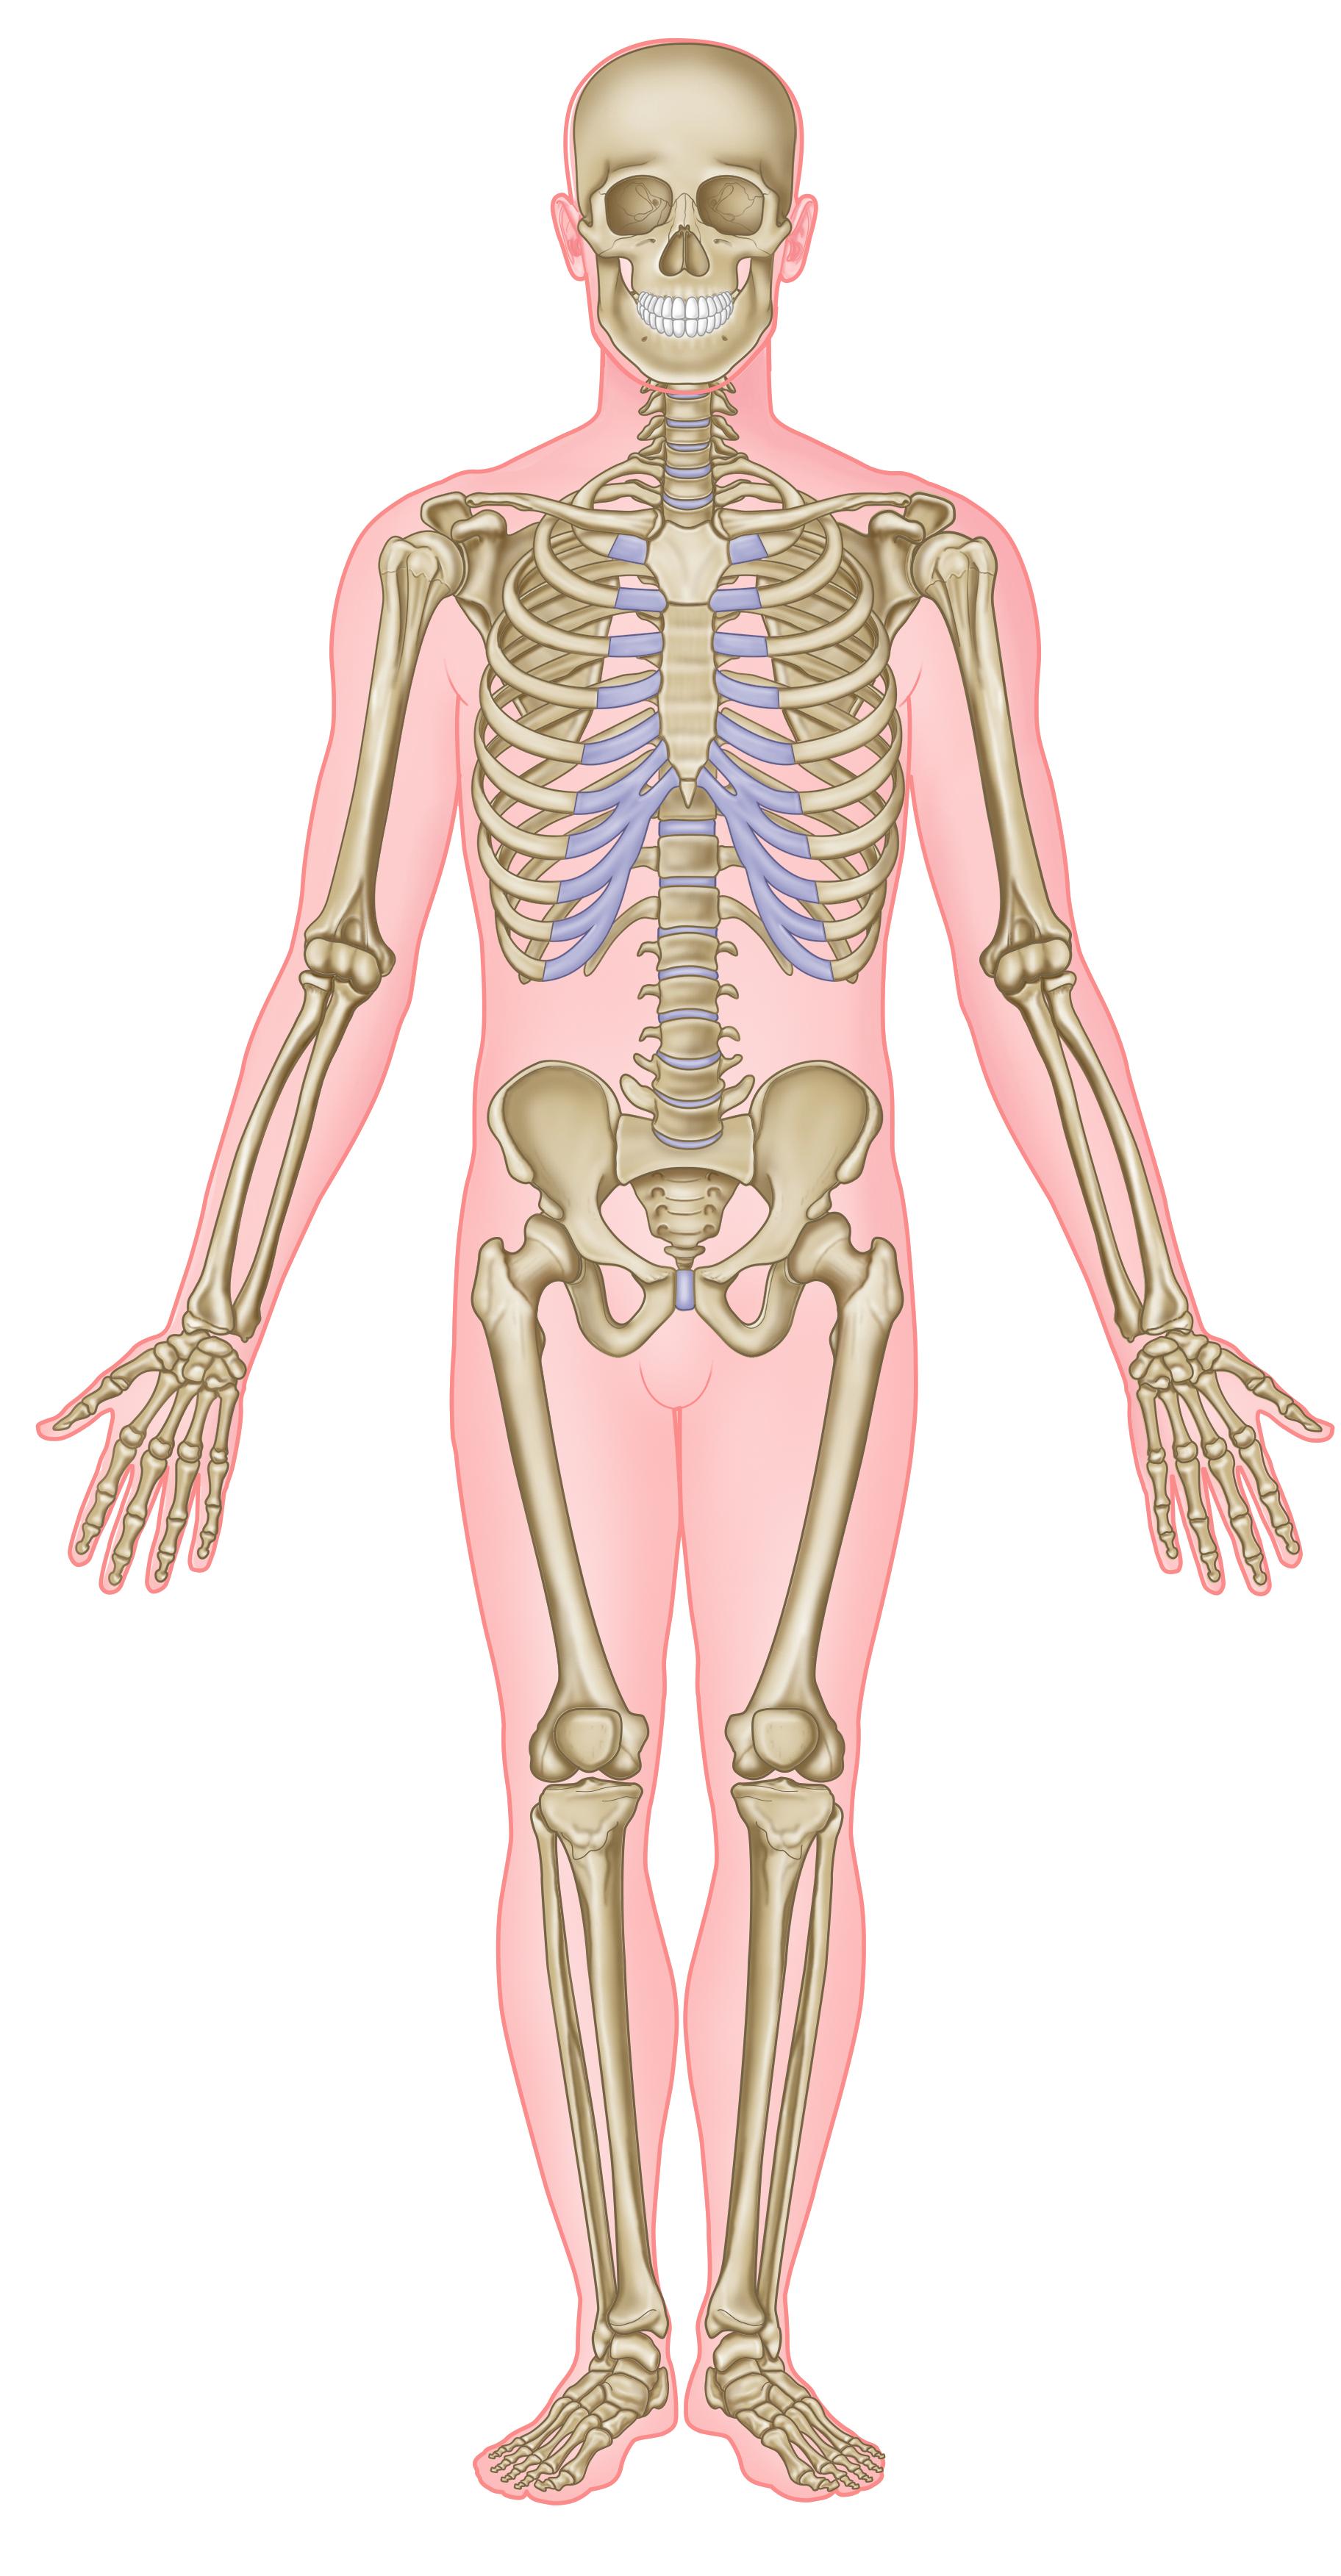 knogler i kroppen hvor mange